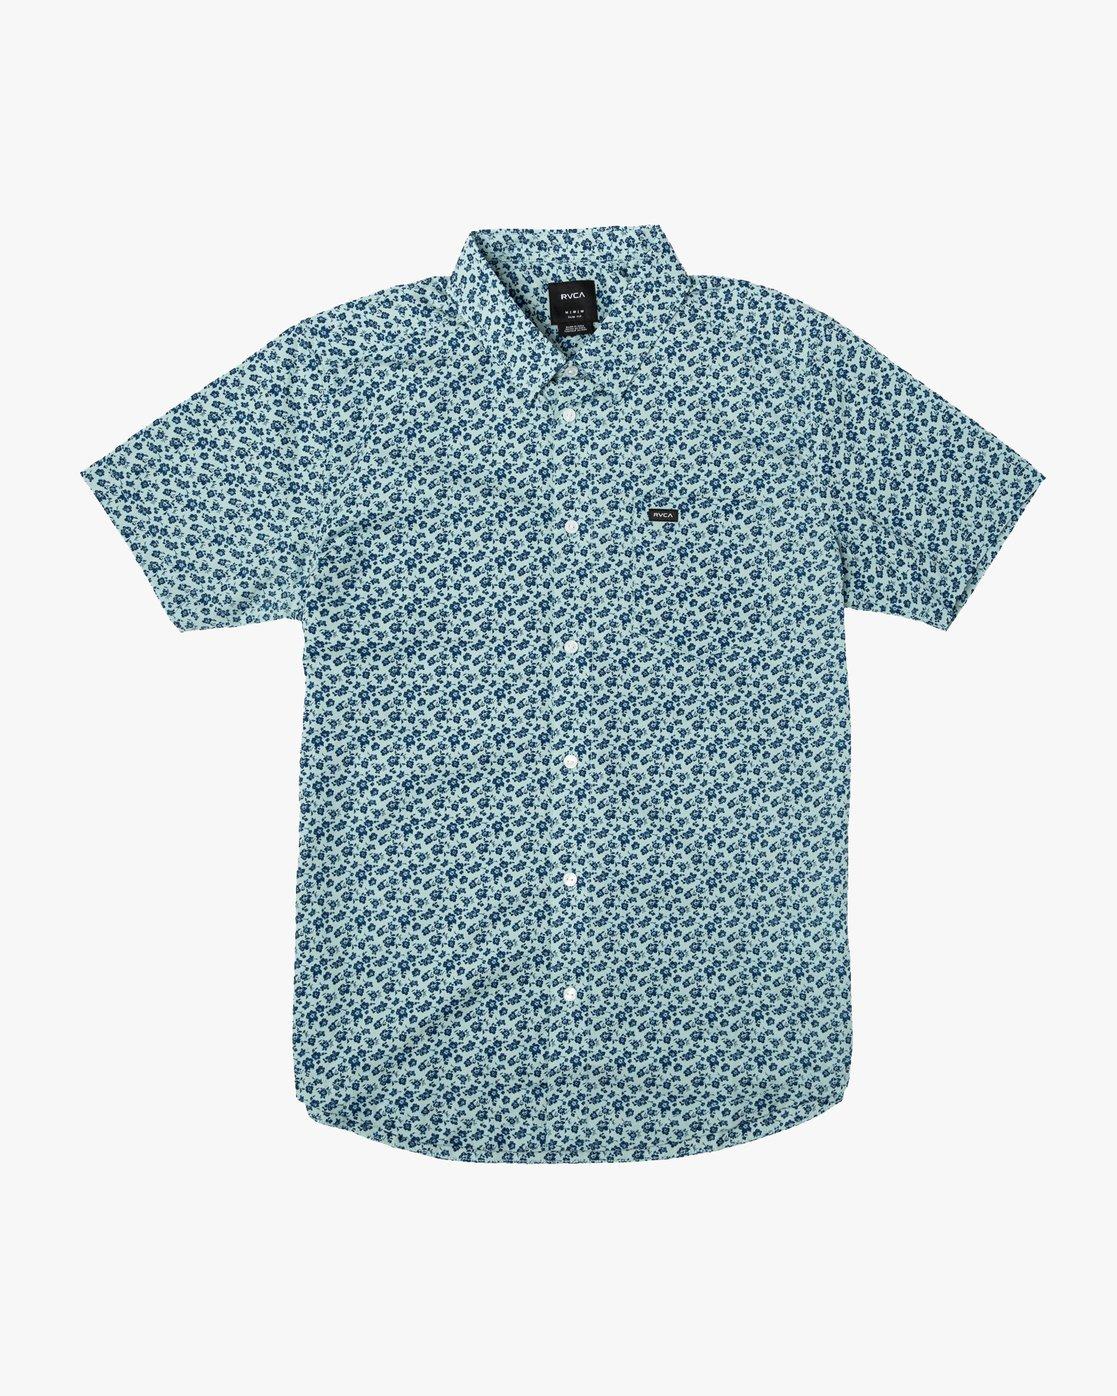 0 Porcelain Printed Short Sleeve Shirt Blue MK507POR RVCA